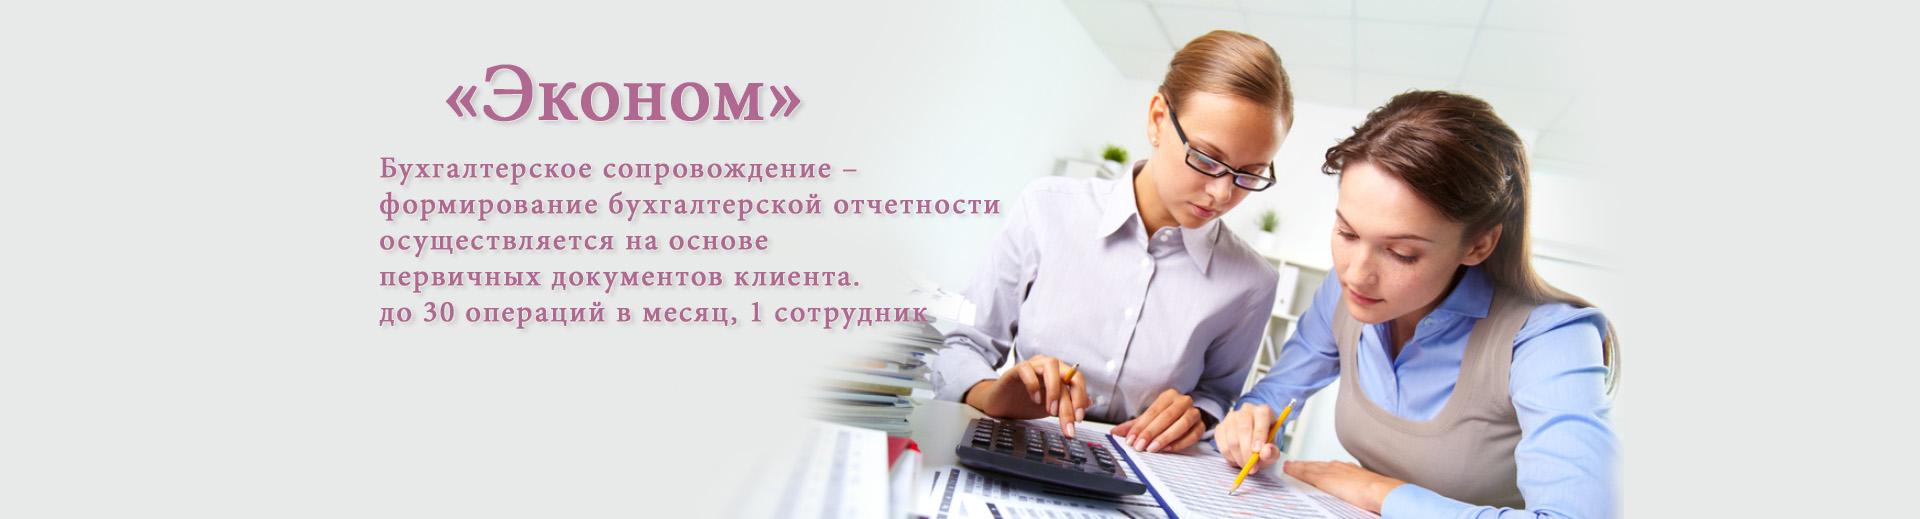 Бухгалтерские услуги читы саранск центр компьютерной поддержки бухгалтеров ооо саранск